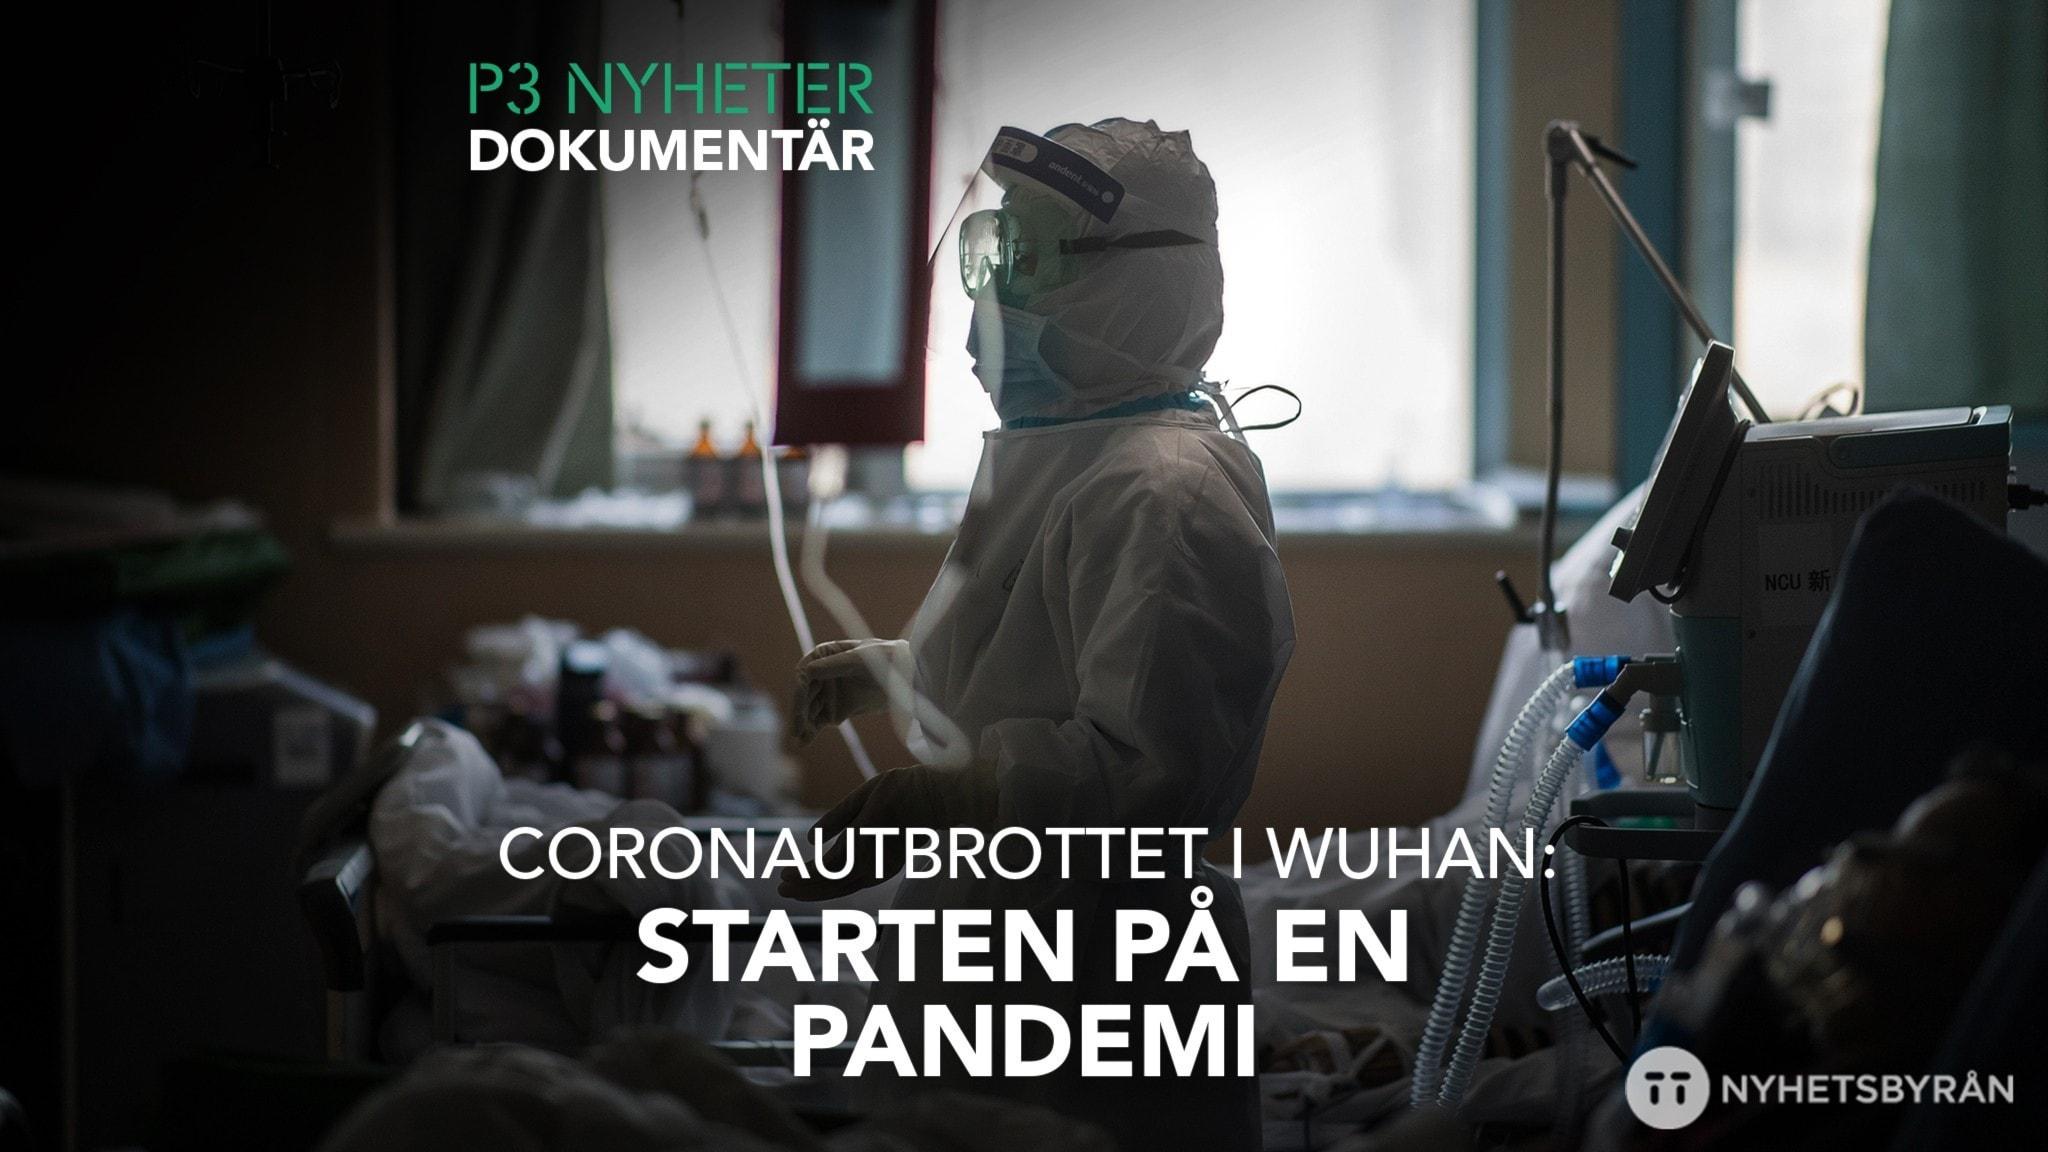 Coronautbrottet i Wuhan – starten på en pandemi – P3 Nyheter Dokumentär